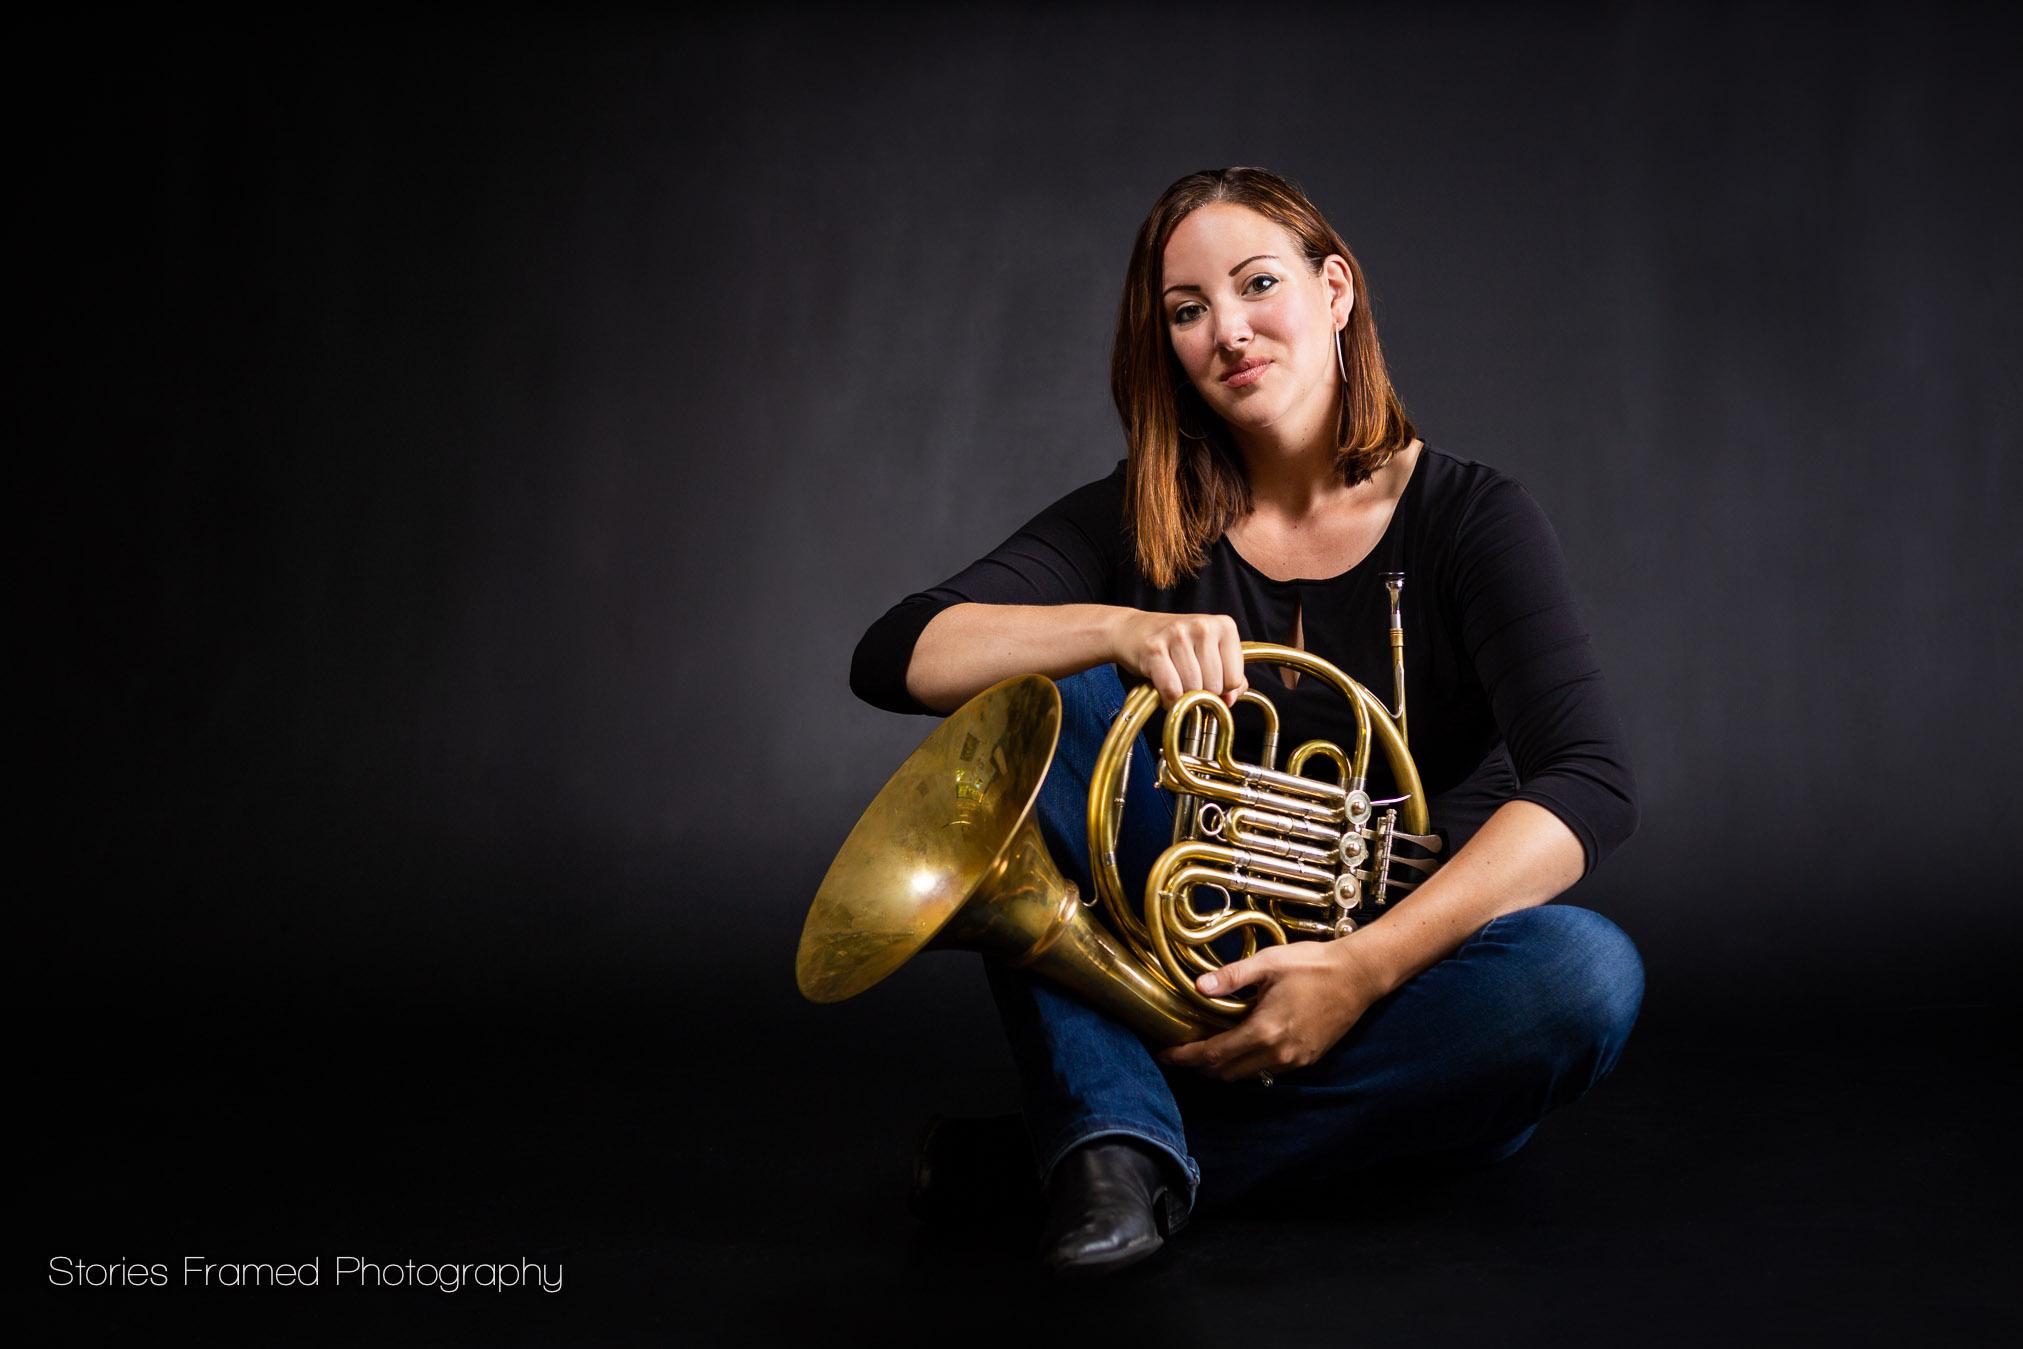 woman horn player